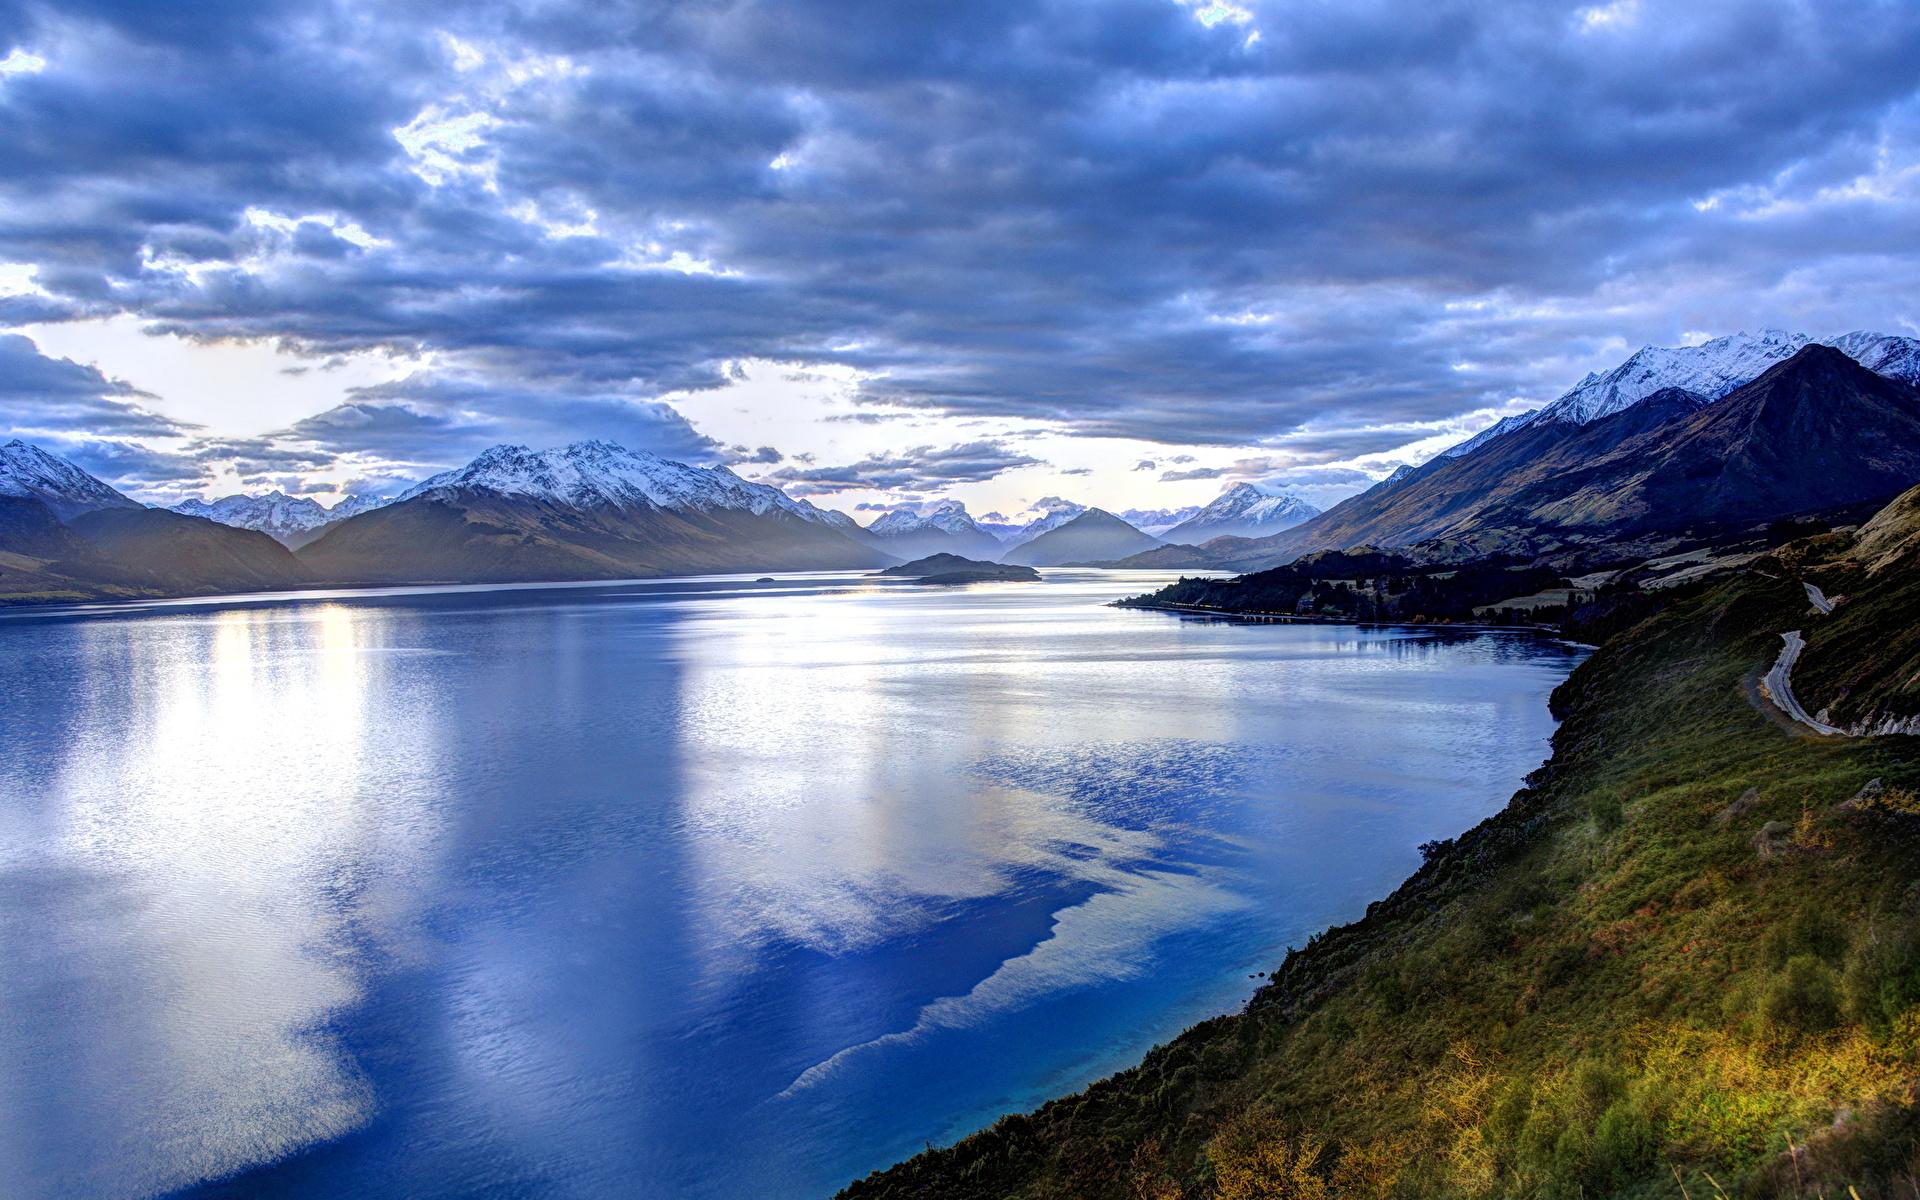 Небо горы озеро  № 2789998 бесплатно